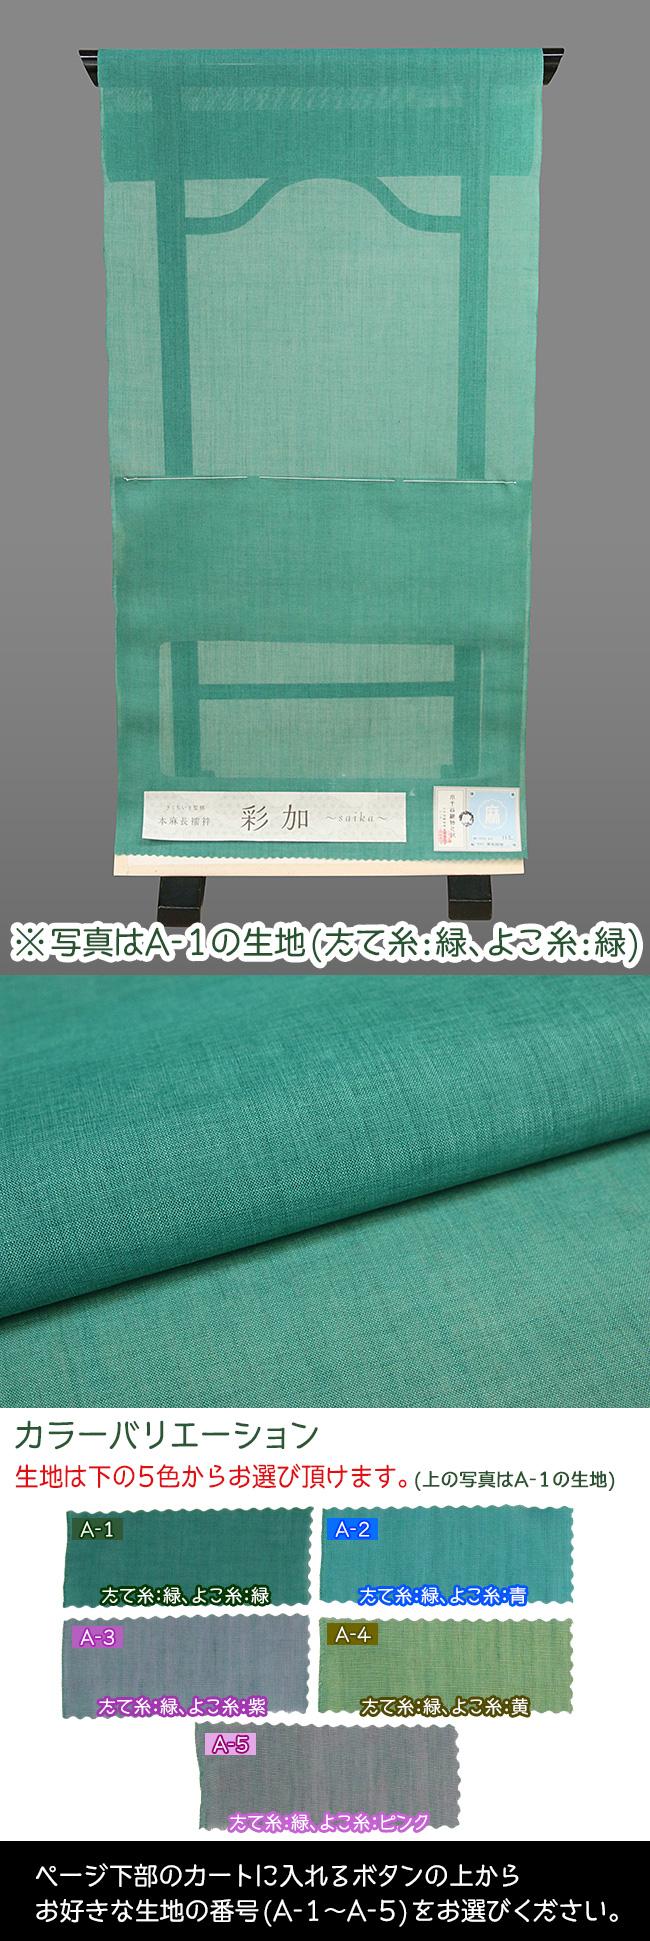 96saika_0102.jpg